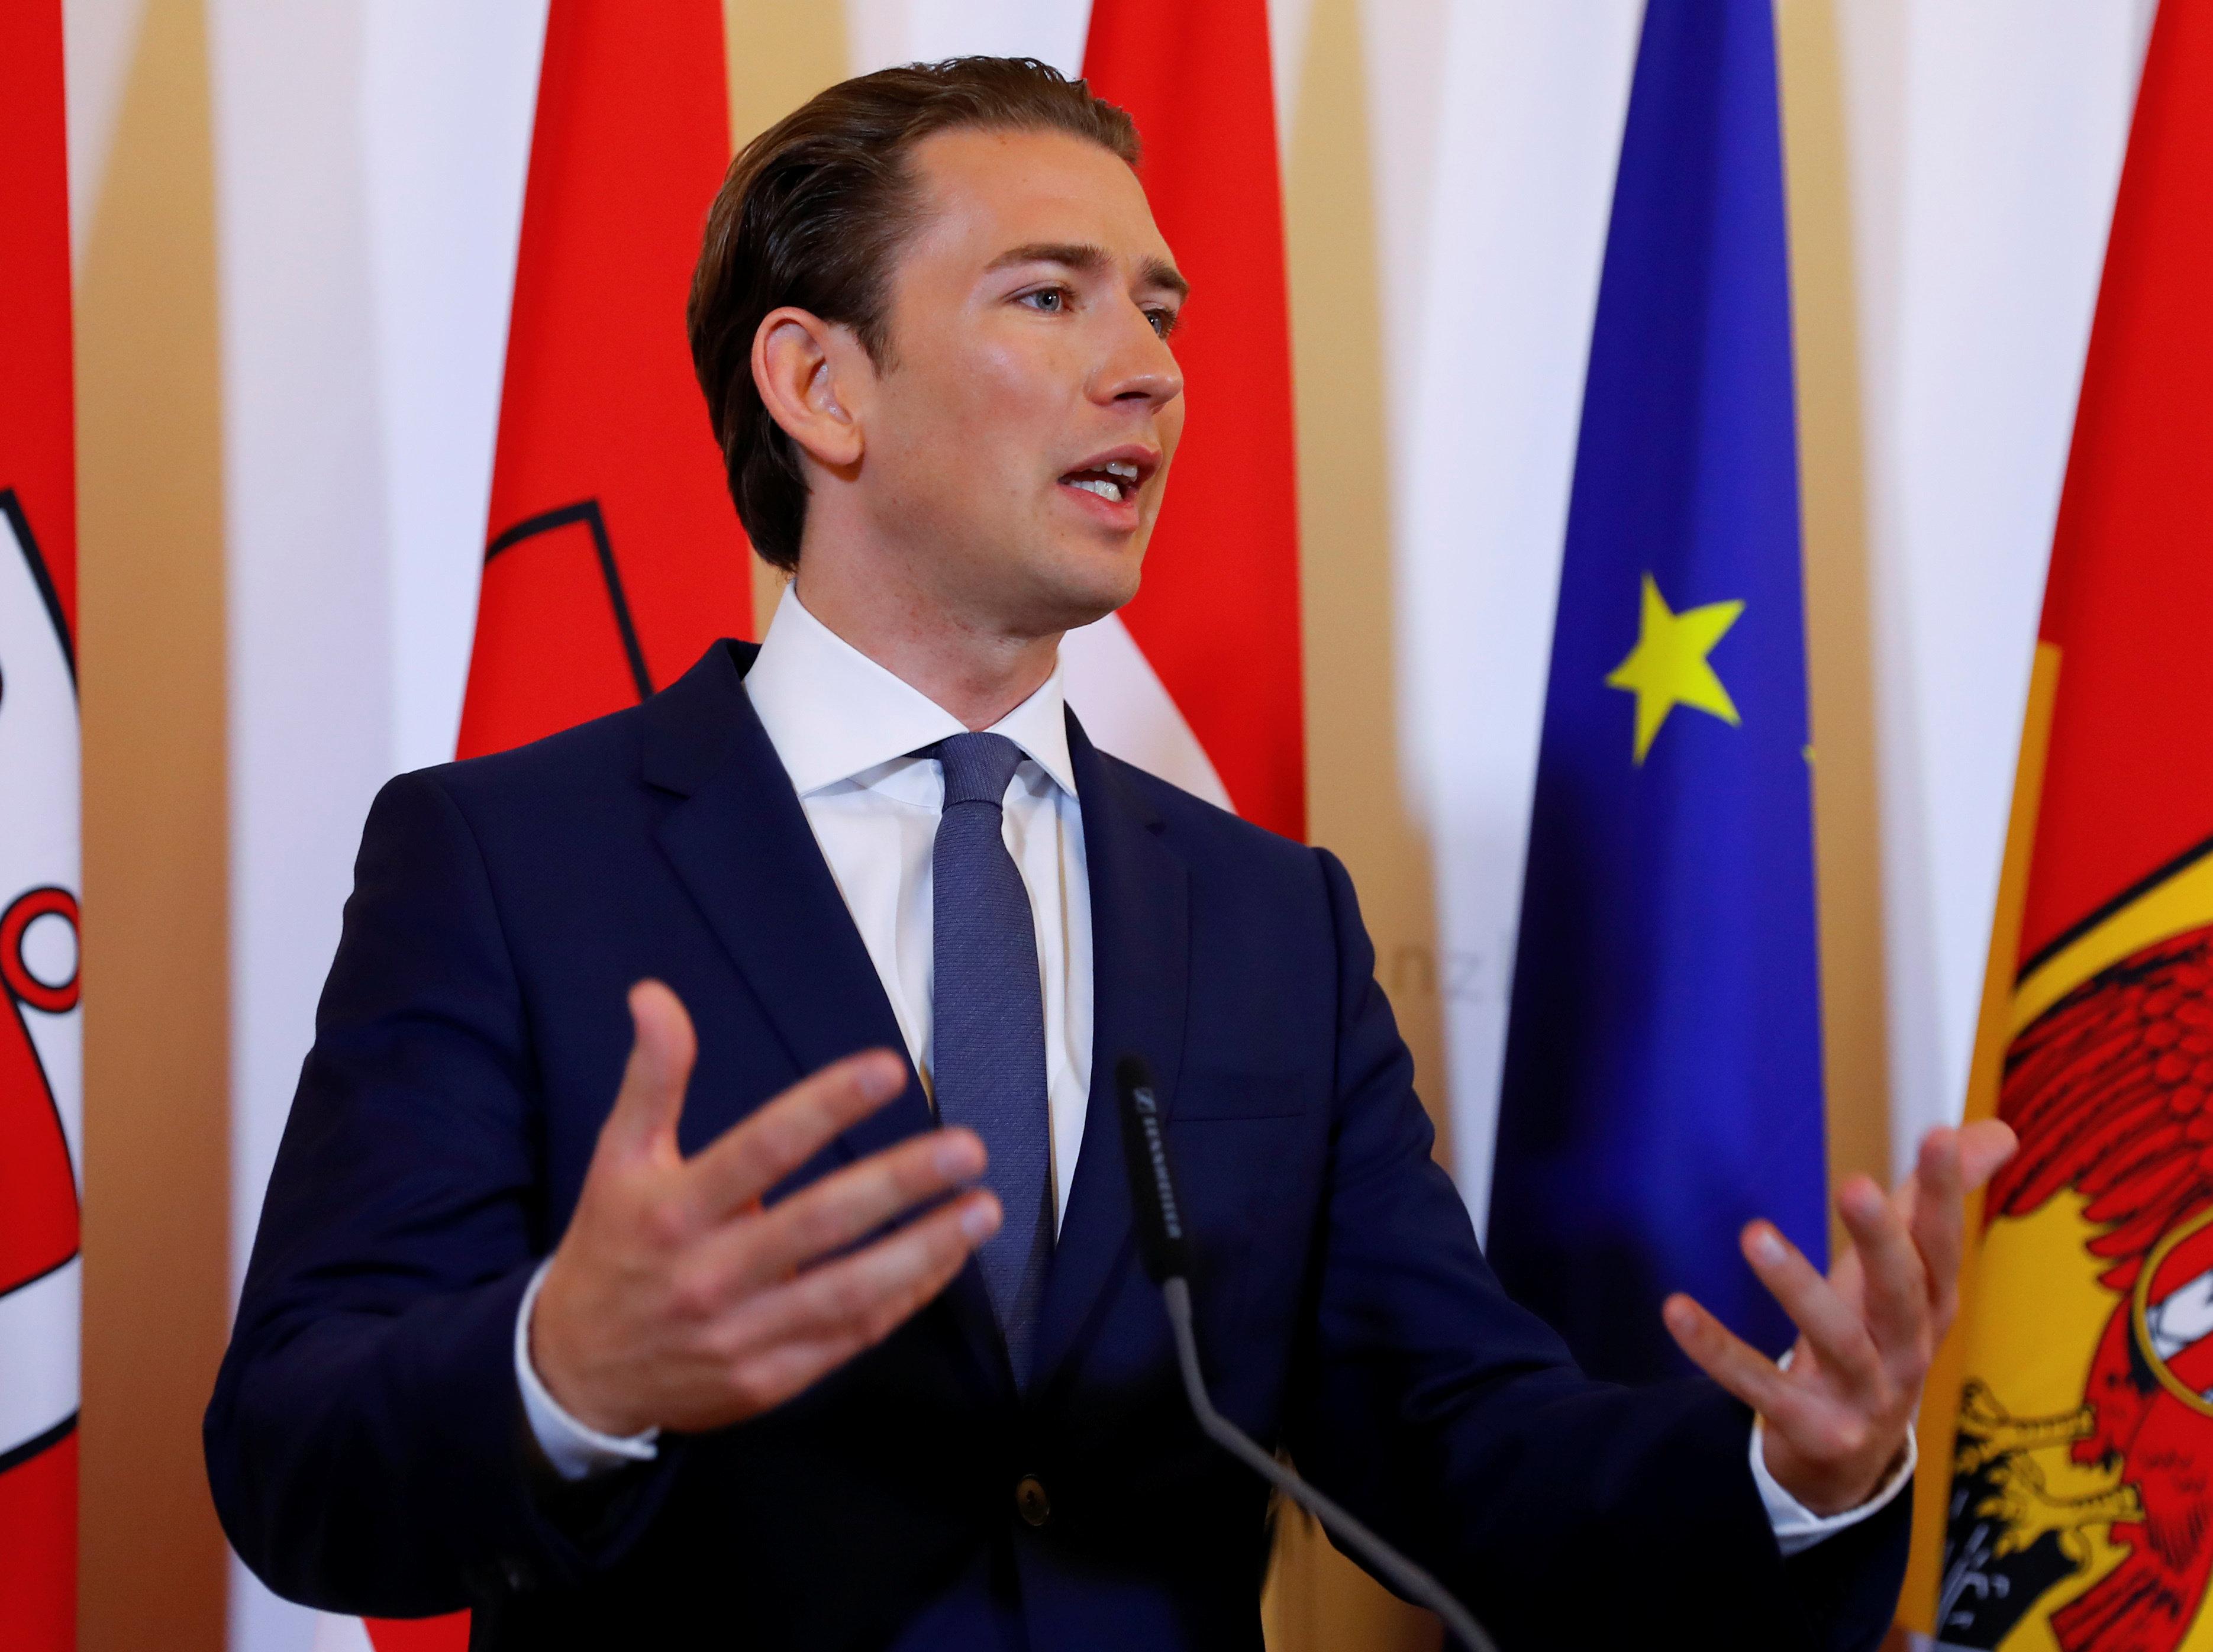 Austrian Chancellor Sebastian Kurz attends a news conference in Vienna, Austria June 8, 2018.  REUTERS/Leonhard Foeger